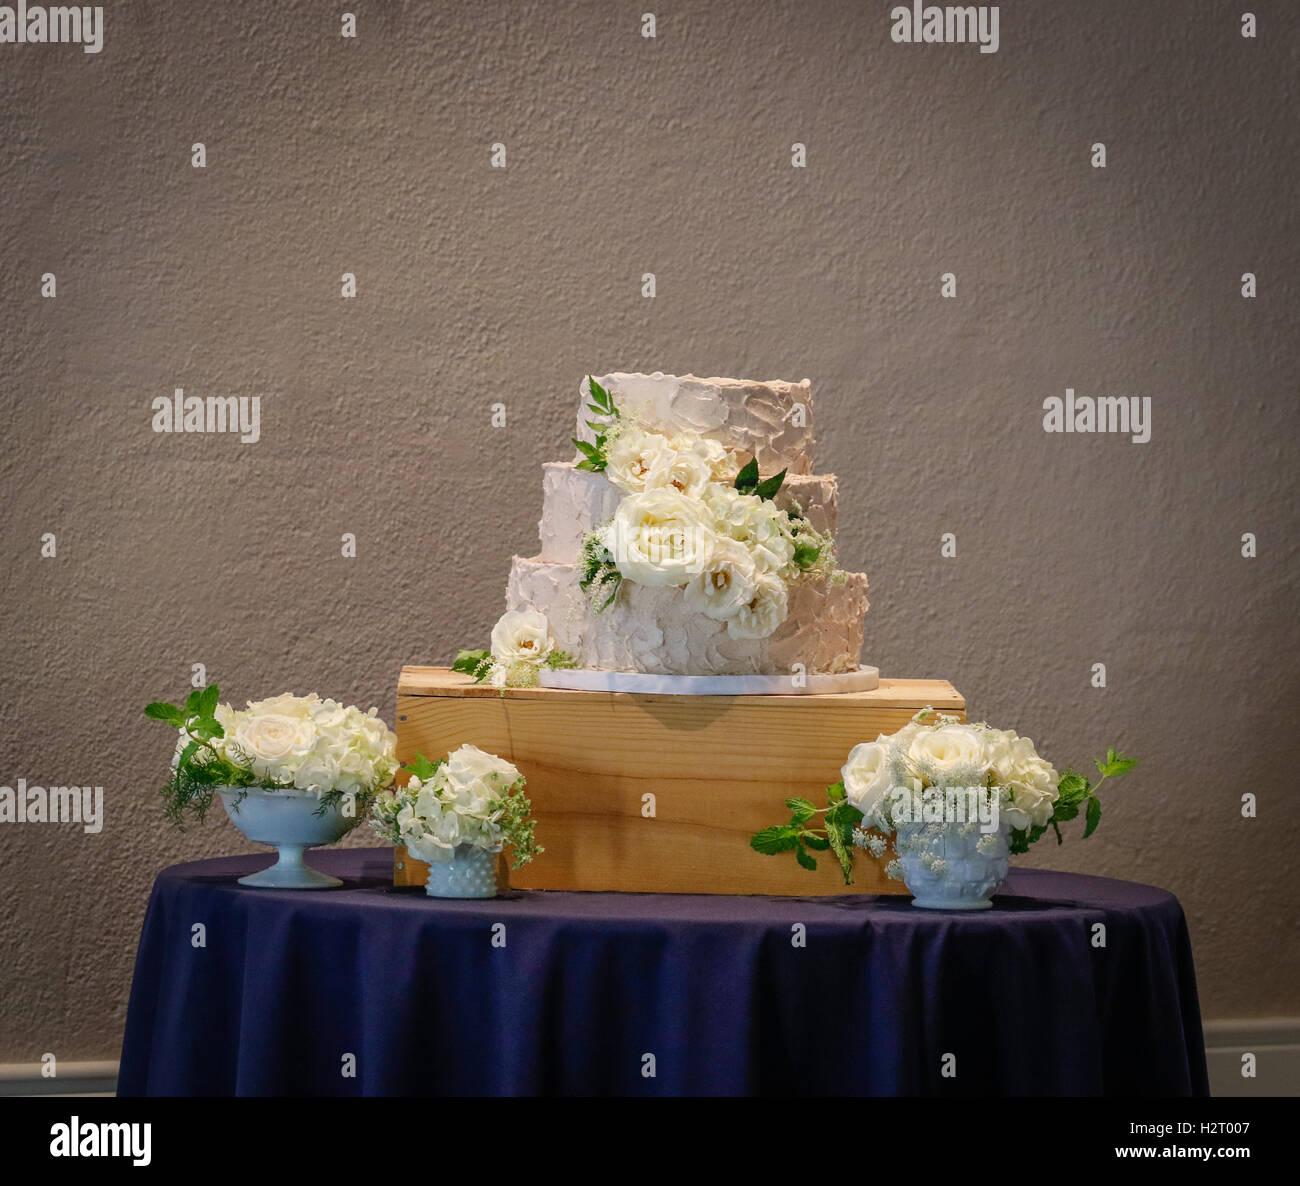 Einfache weiße Hochzeitstorte Stockbild